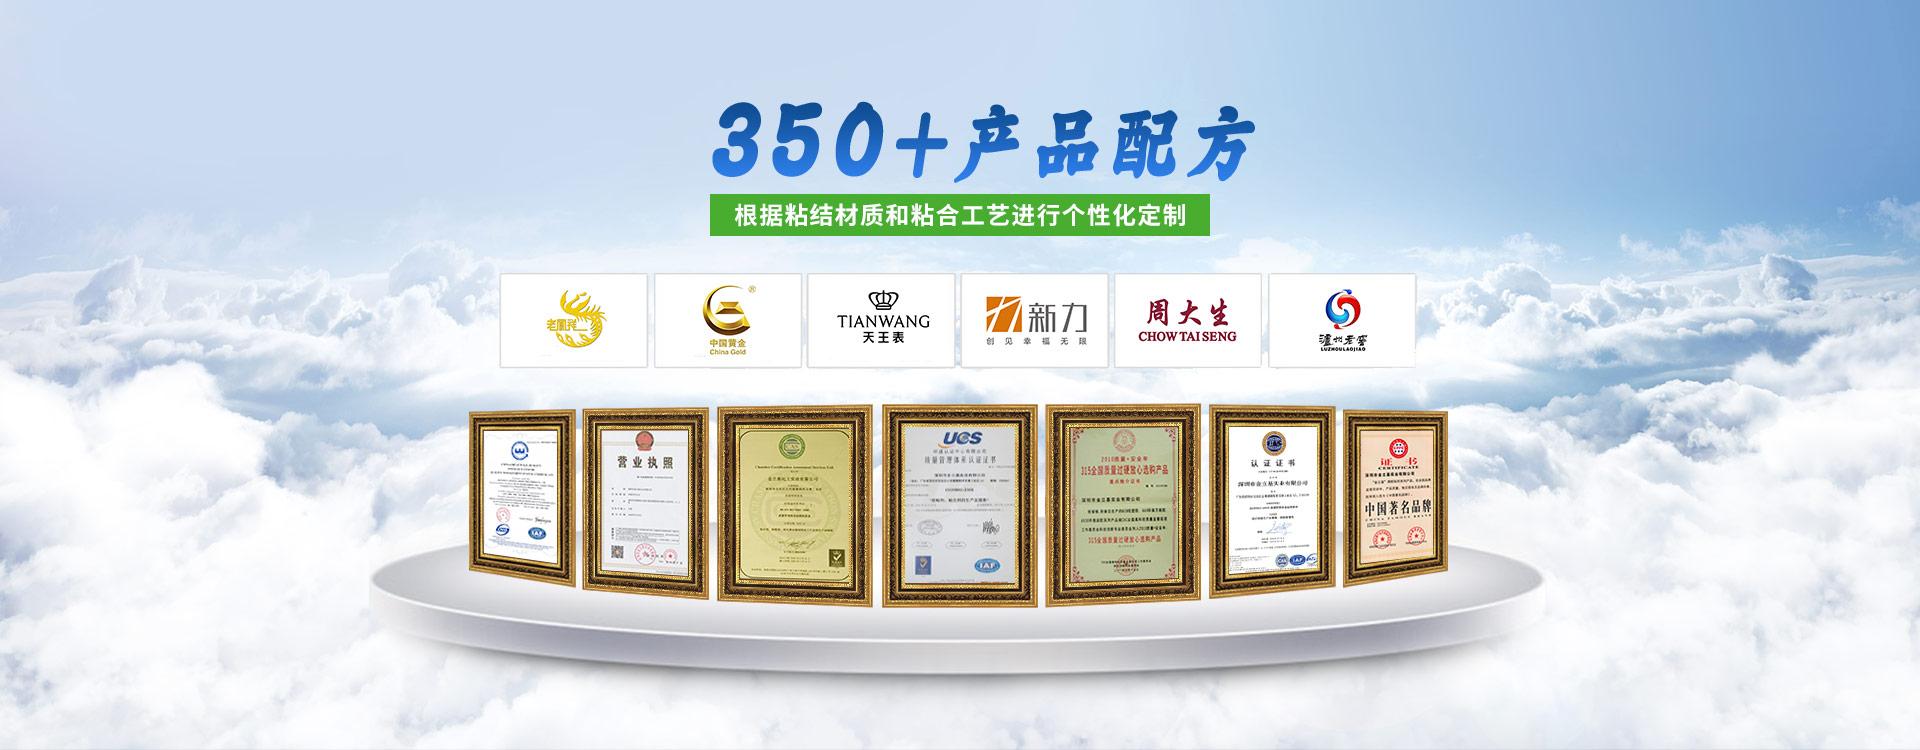 """金立基-350+产品配方,因材施""""胶"""""""